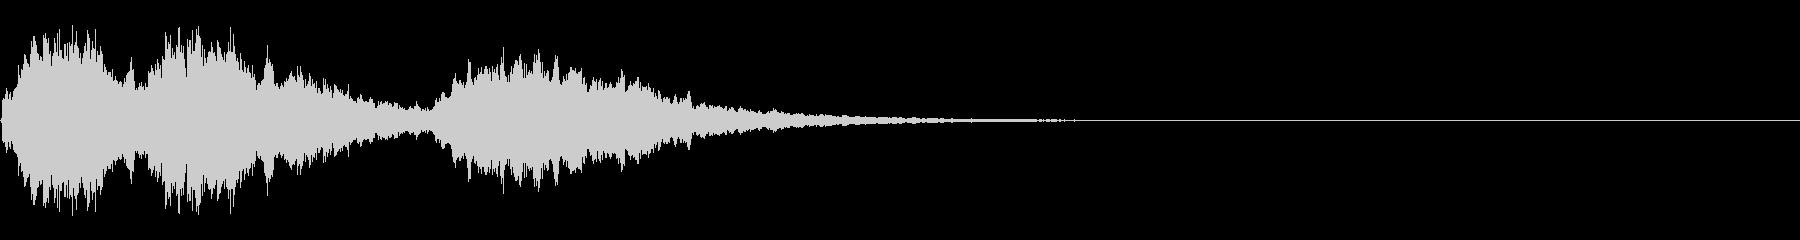 長めのキラキラ の未再生の波形